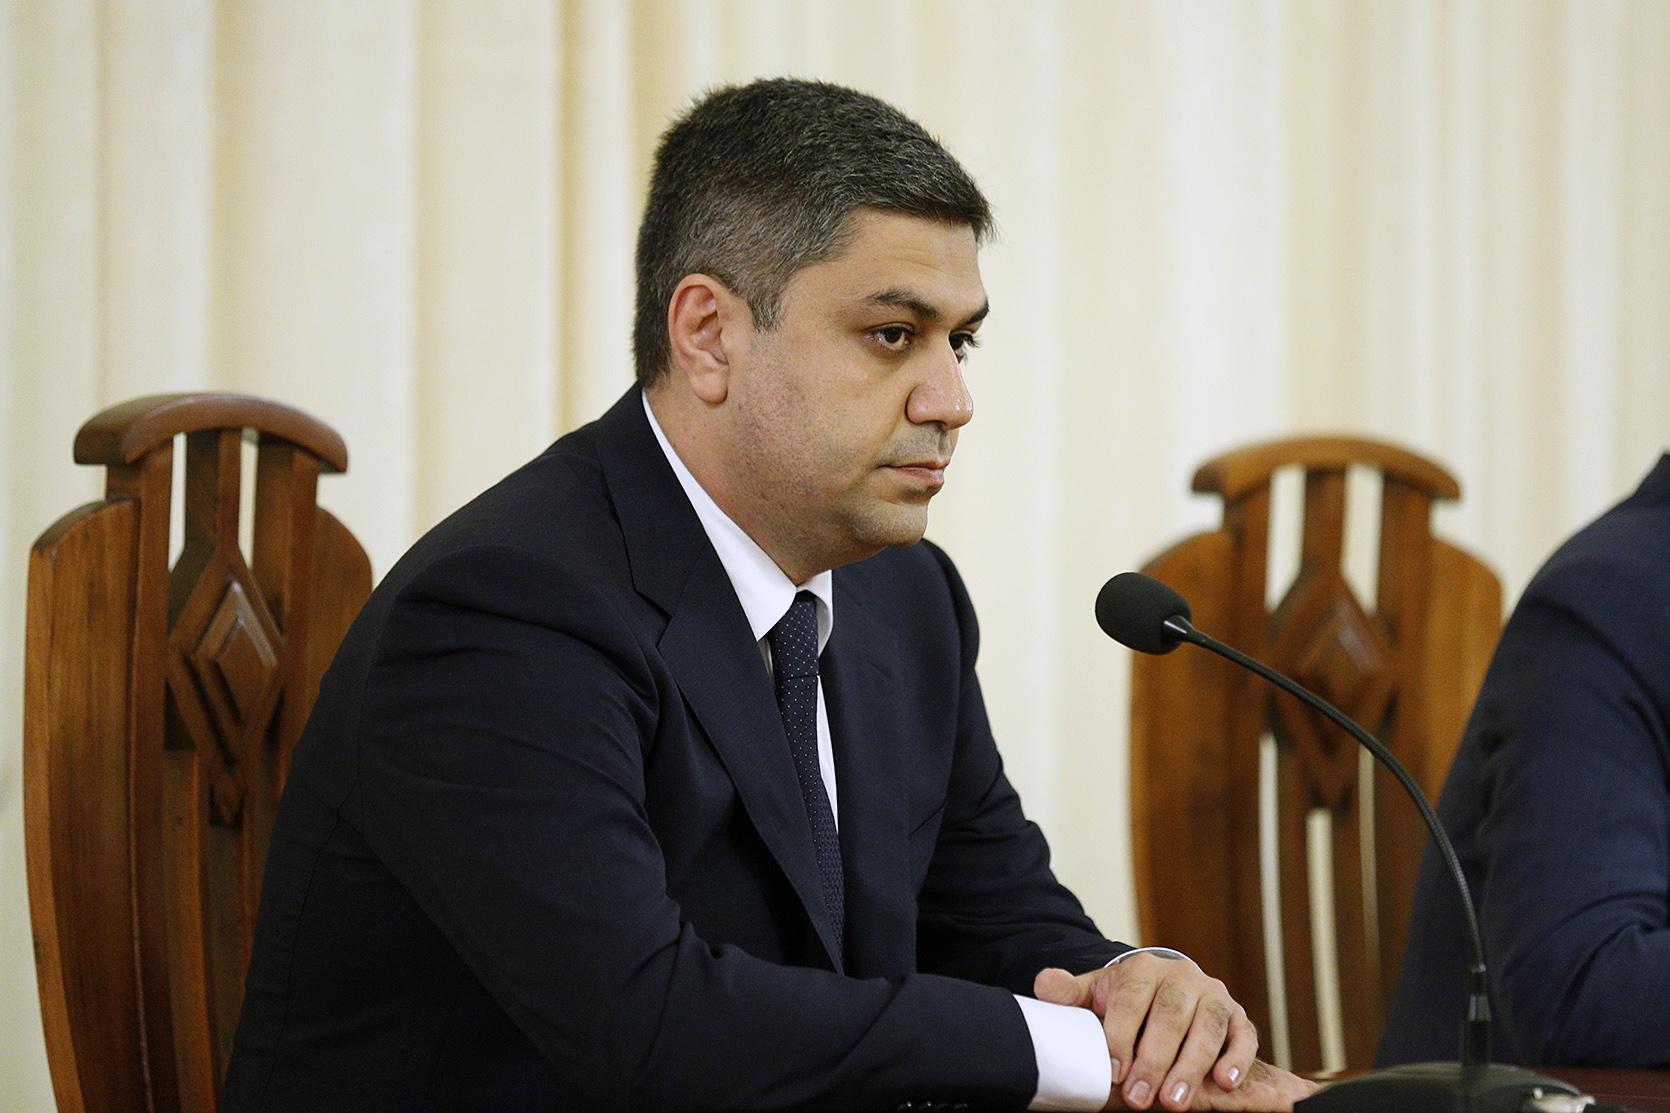 Արթուր Վանեցյանի թեկնածությունն առաջադրվել է Հայաստանի ֆուտբոլի ֆեդերացիայի նախագահի պաշտոնում